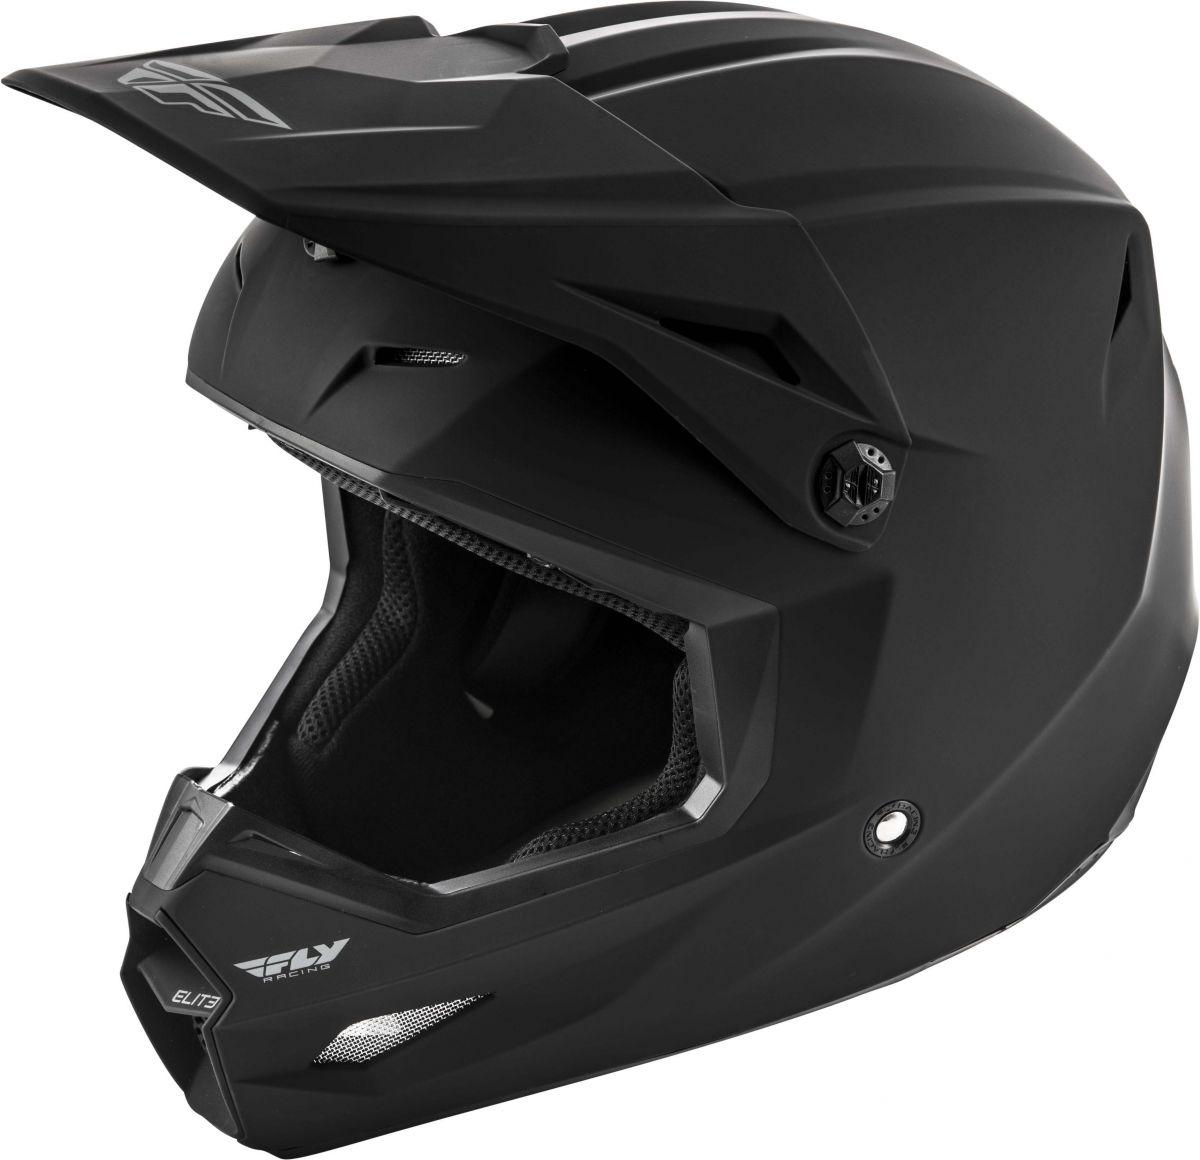 Fly - 2019 Elite Solid Matte Black шлем, черный матовый